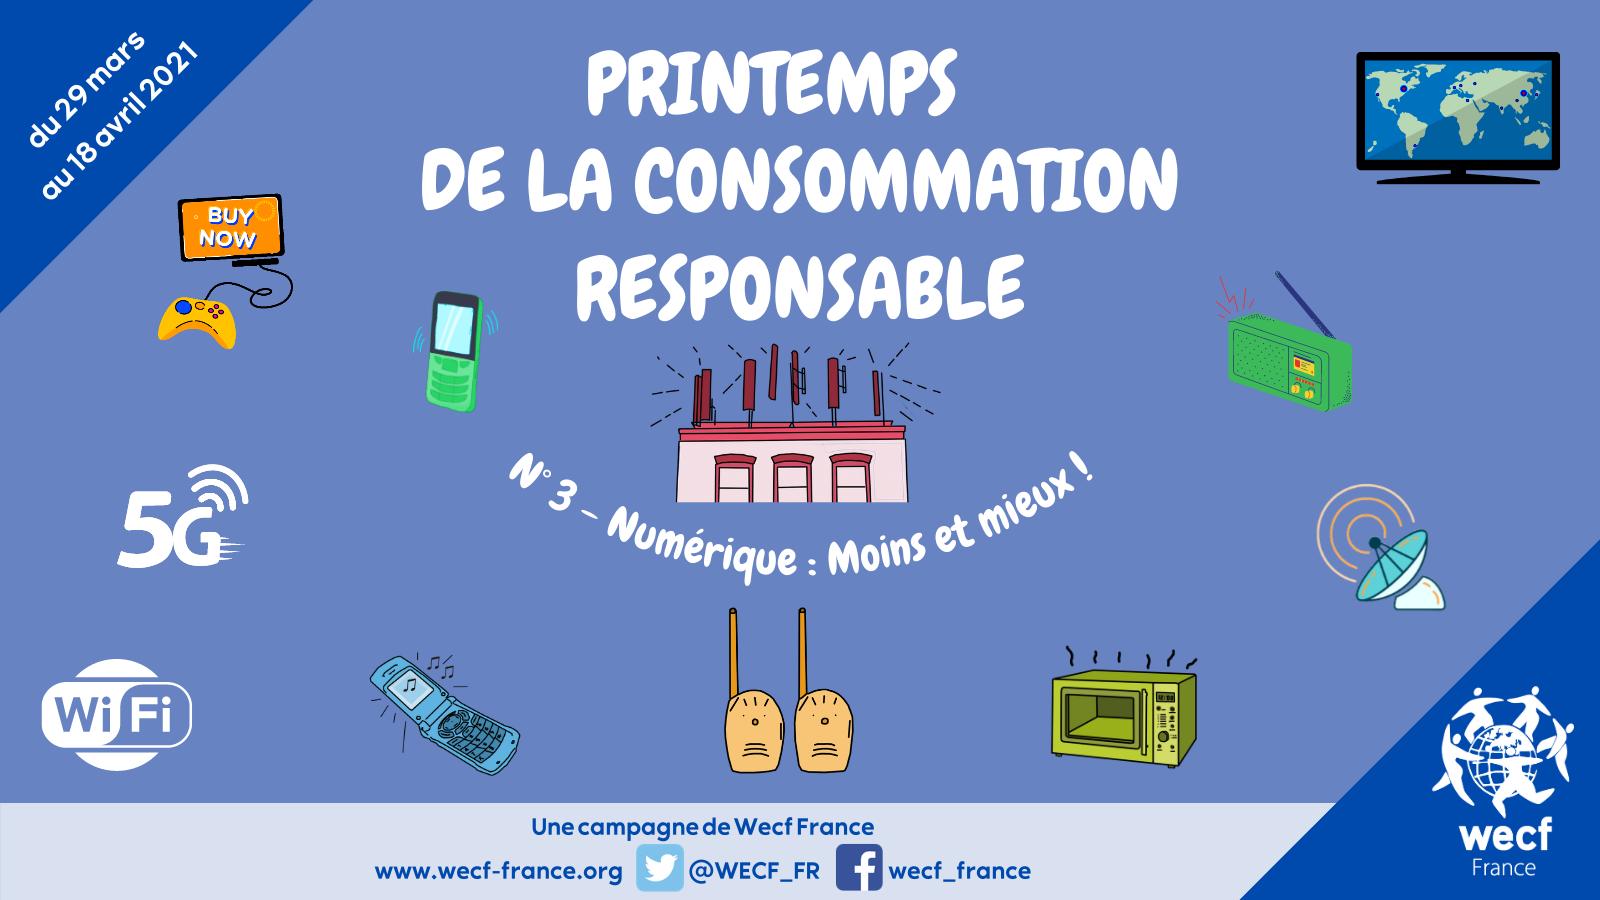 Printemps de la consommation responsable – N°3 : le numérique